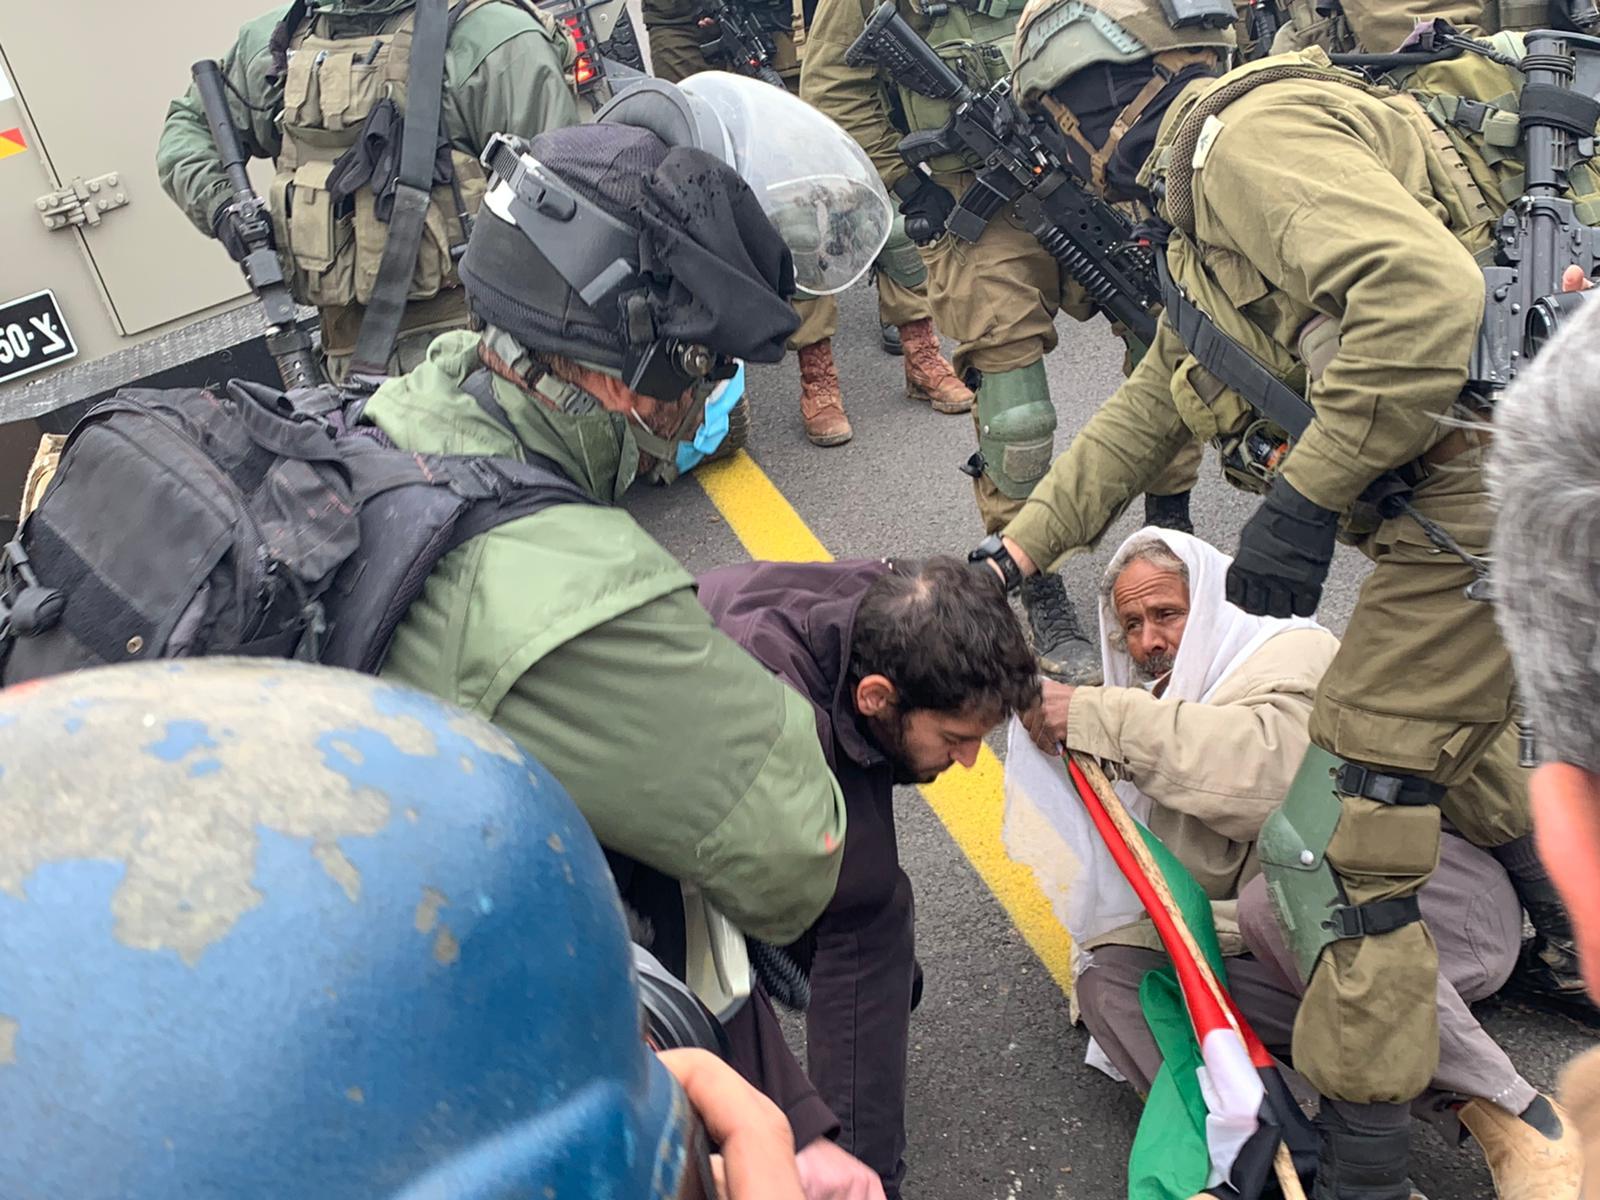 חיילים עוצרים קשיש שניסה לתלות דגל פלסטין על רכב צבאי בדרום הר חברון (צילום: חגי מטר)